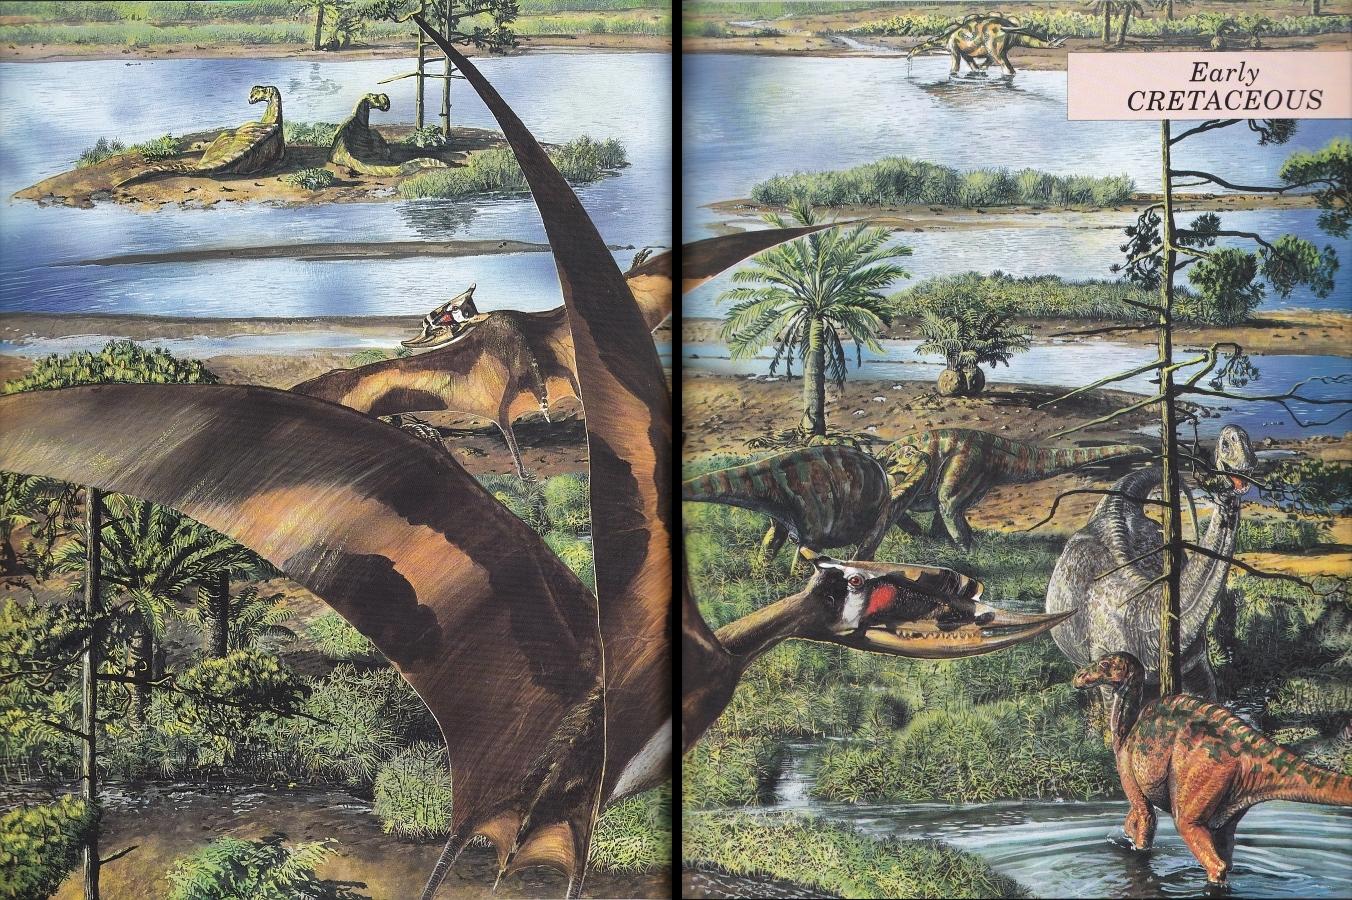 Early Cretaceous scene by Steve Kirk